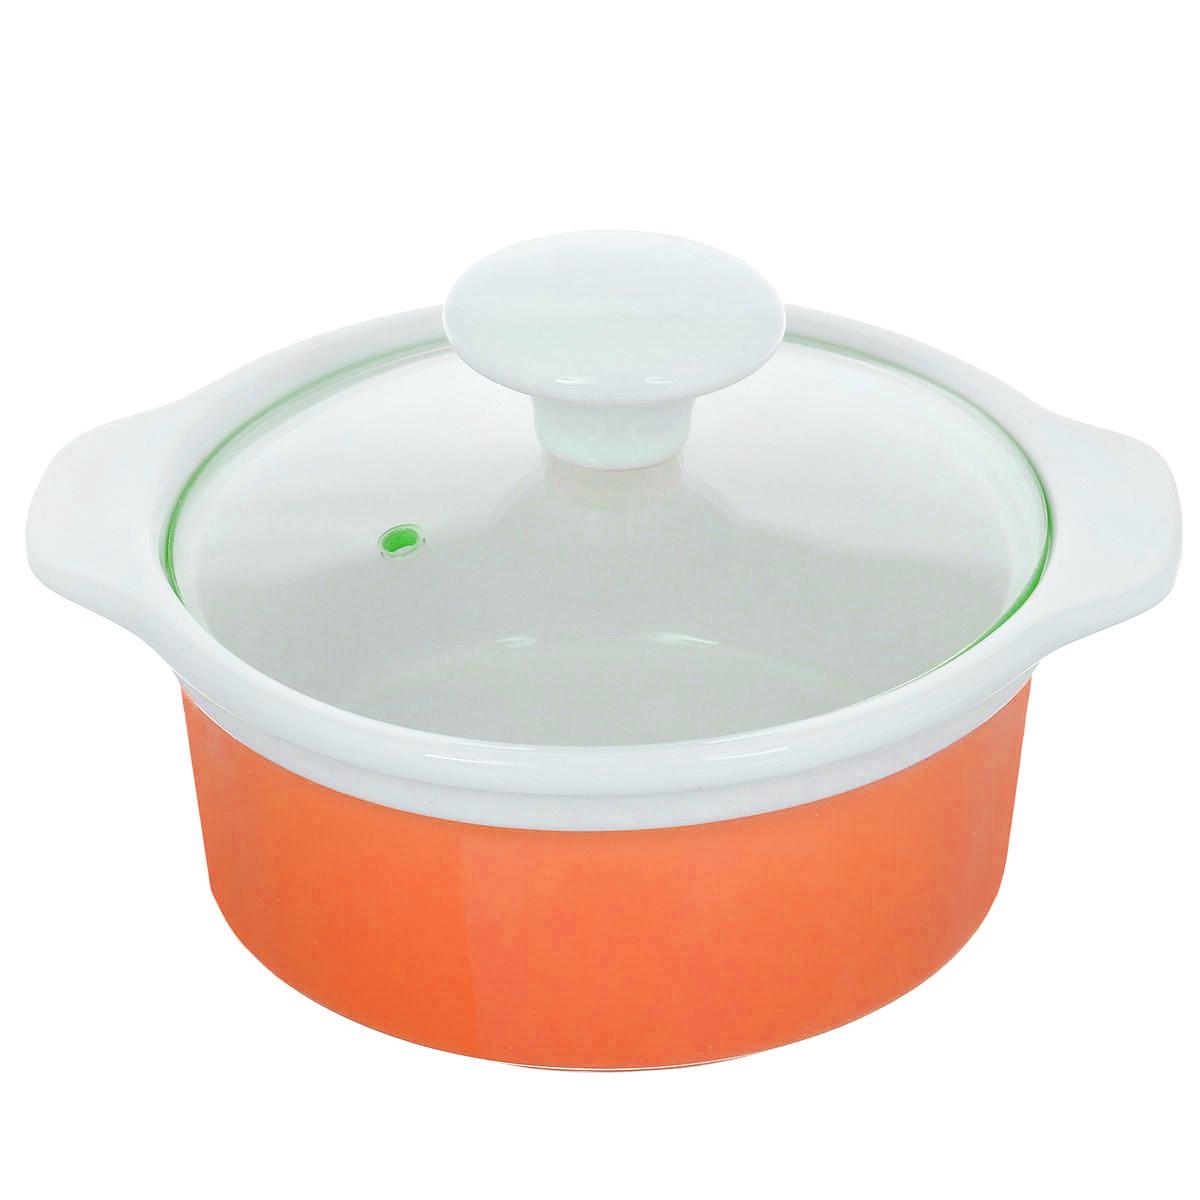 Кастрюля с крышкой, цвет: оранжевый, 1,2 л. CX002-SR (F)CX002-SR (F)Кастрюля выполнена из высококачественной глазурованной керамики и предназначена для запекания различных блюд. Крышка кастрюли изготовлена из стекла с керамической ручкой и отверстием для пара. Можно мыть в посудомоечной машине и использовать в духовом шкафу. Не пригодна для использования на газовой плите. Это идеальный подарок для современных хозяек, которые следят за своим здоровьем и здоровьем своей семьи. Эргономичный дизайн и функциональность позволят вам наслаждаться процессом приготовления любимых, полезных для здоровья блюд. Внутренний диаметр: 16 см. Ширина кастрюли (с учетом ручек): 23 см. Высота стенки: 9 см.